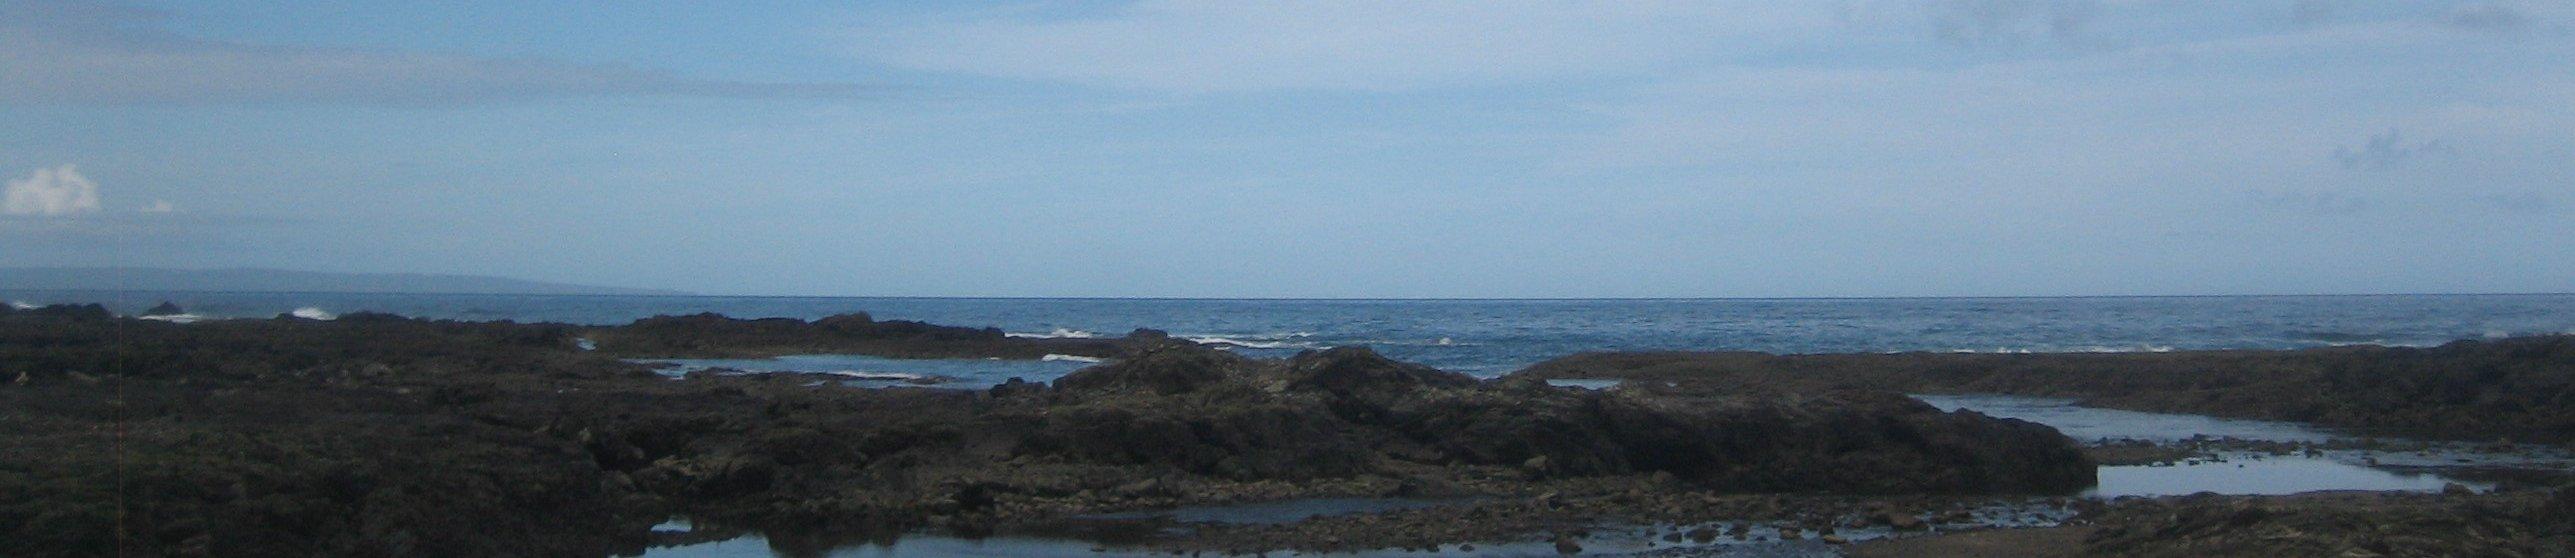 屋久島 banner image